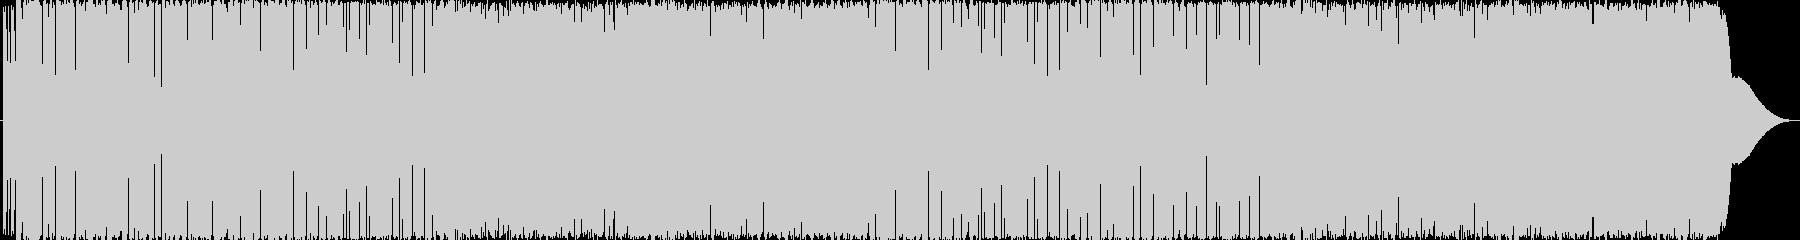 ロボットがダンスするエレクトロの未再生の波形